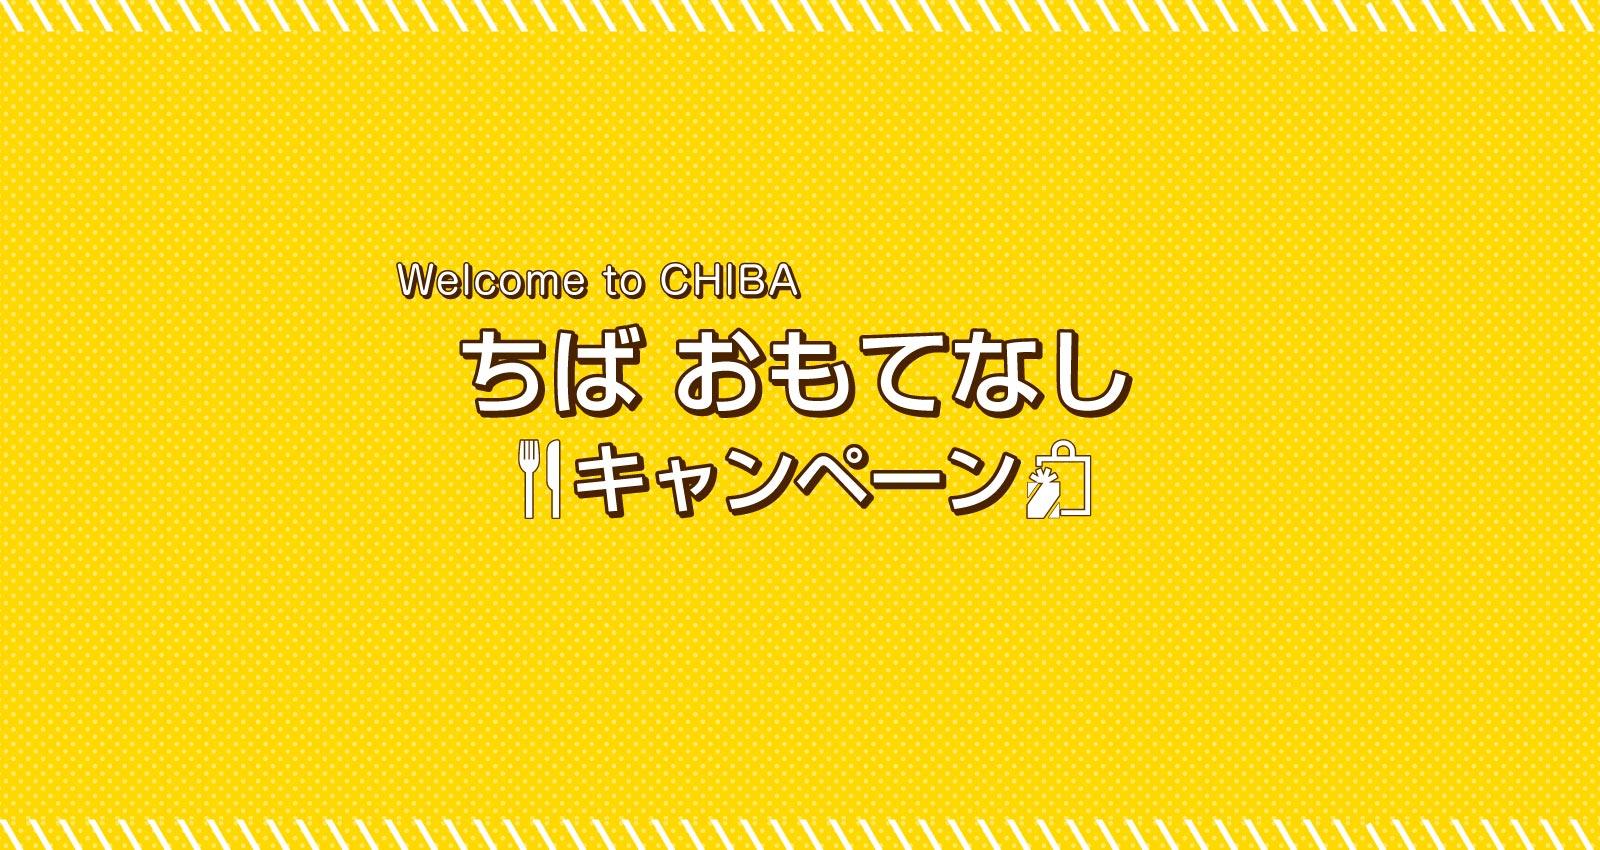 Welcome to CHIBA 宿泊者に3つの特典付き!ちば おもてなしキャンペーン